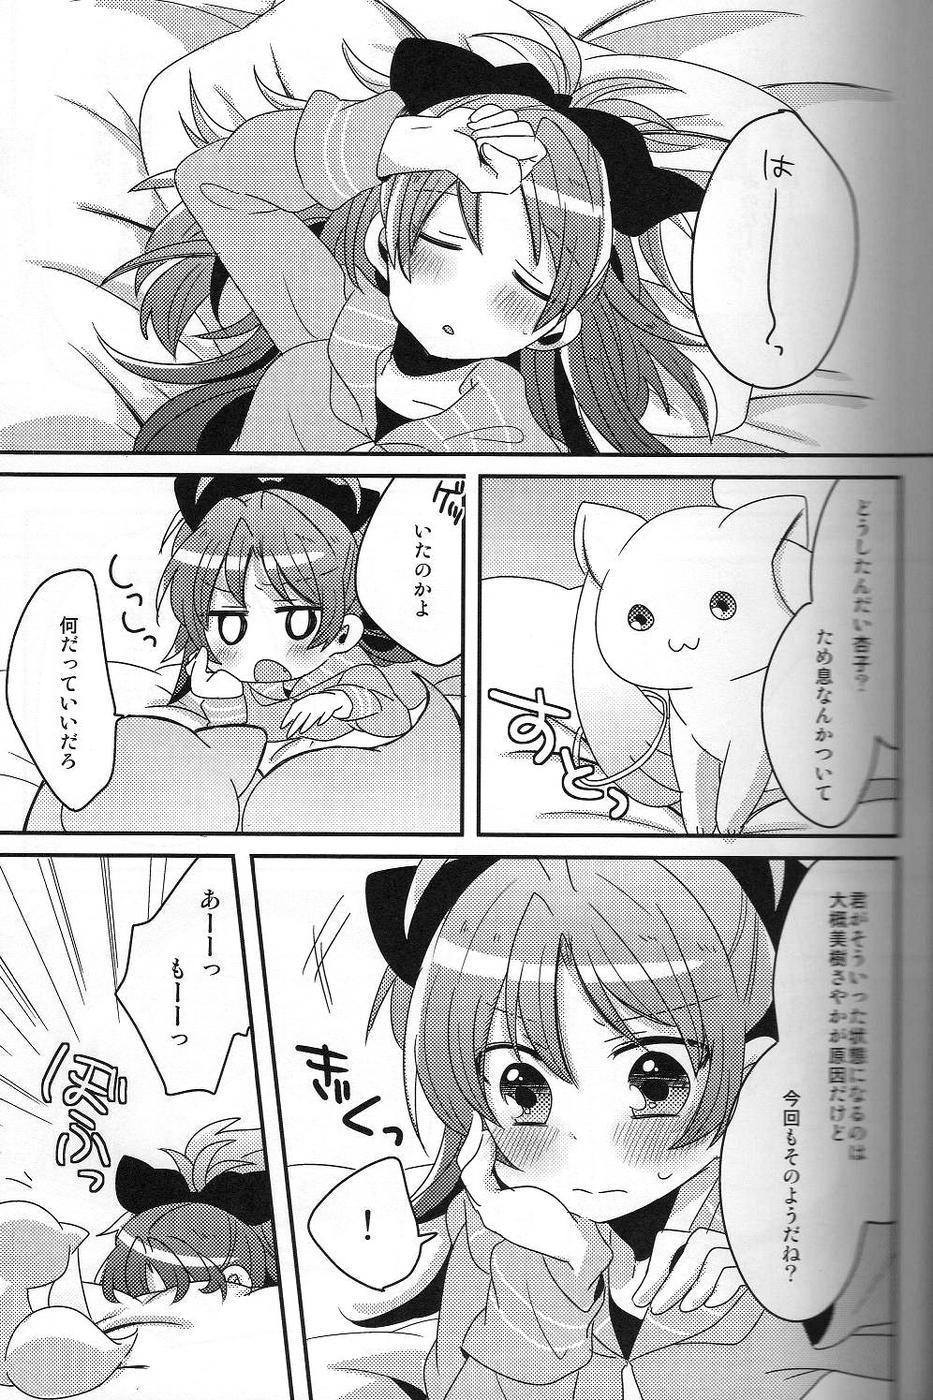 Hajimete no Koto 3